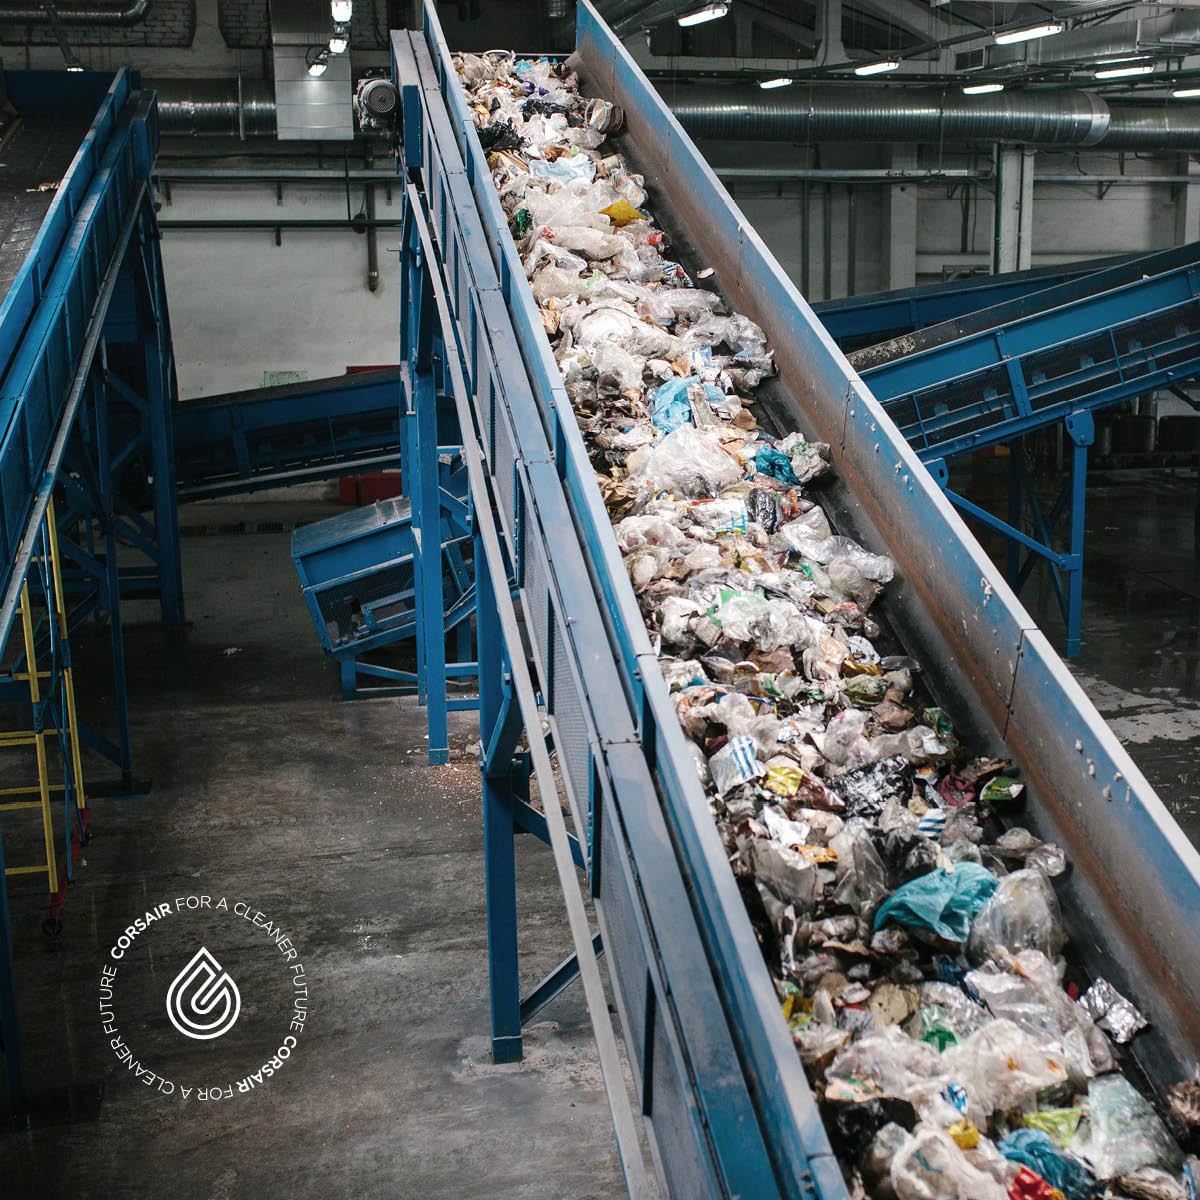 คอร์แซร์ รุดหน้าแก้ปัญหาขยะพลาสติกในเมืองไทยเปลี่ยนขยะเป็นน้ำมันชีวภาพ